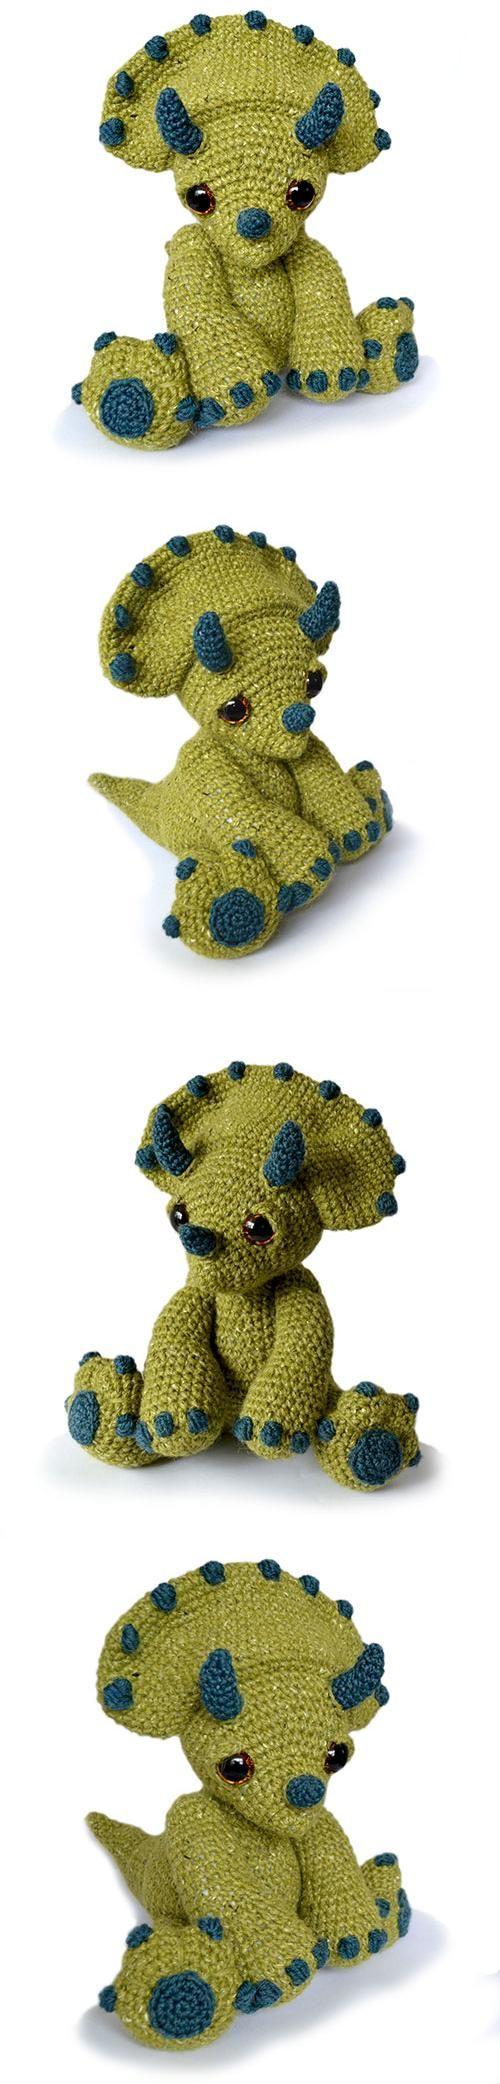 159 besten Crochet animals Bilder auf Pinterest   Stricken häkeln ...